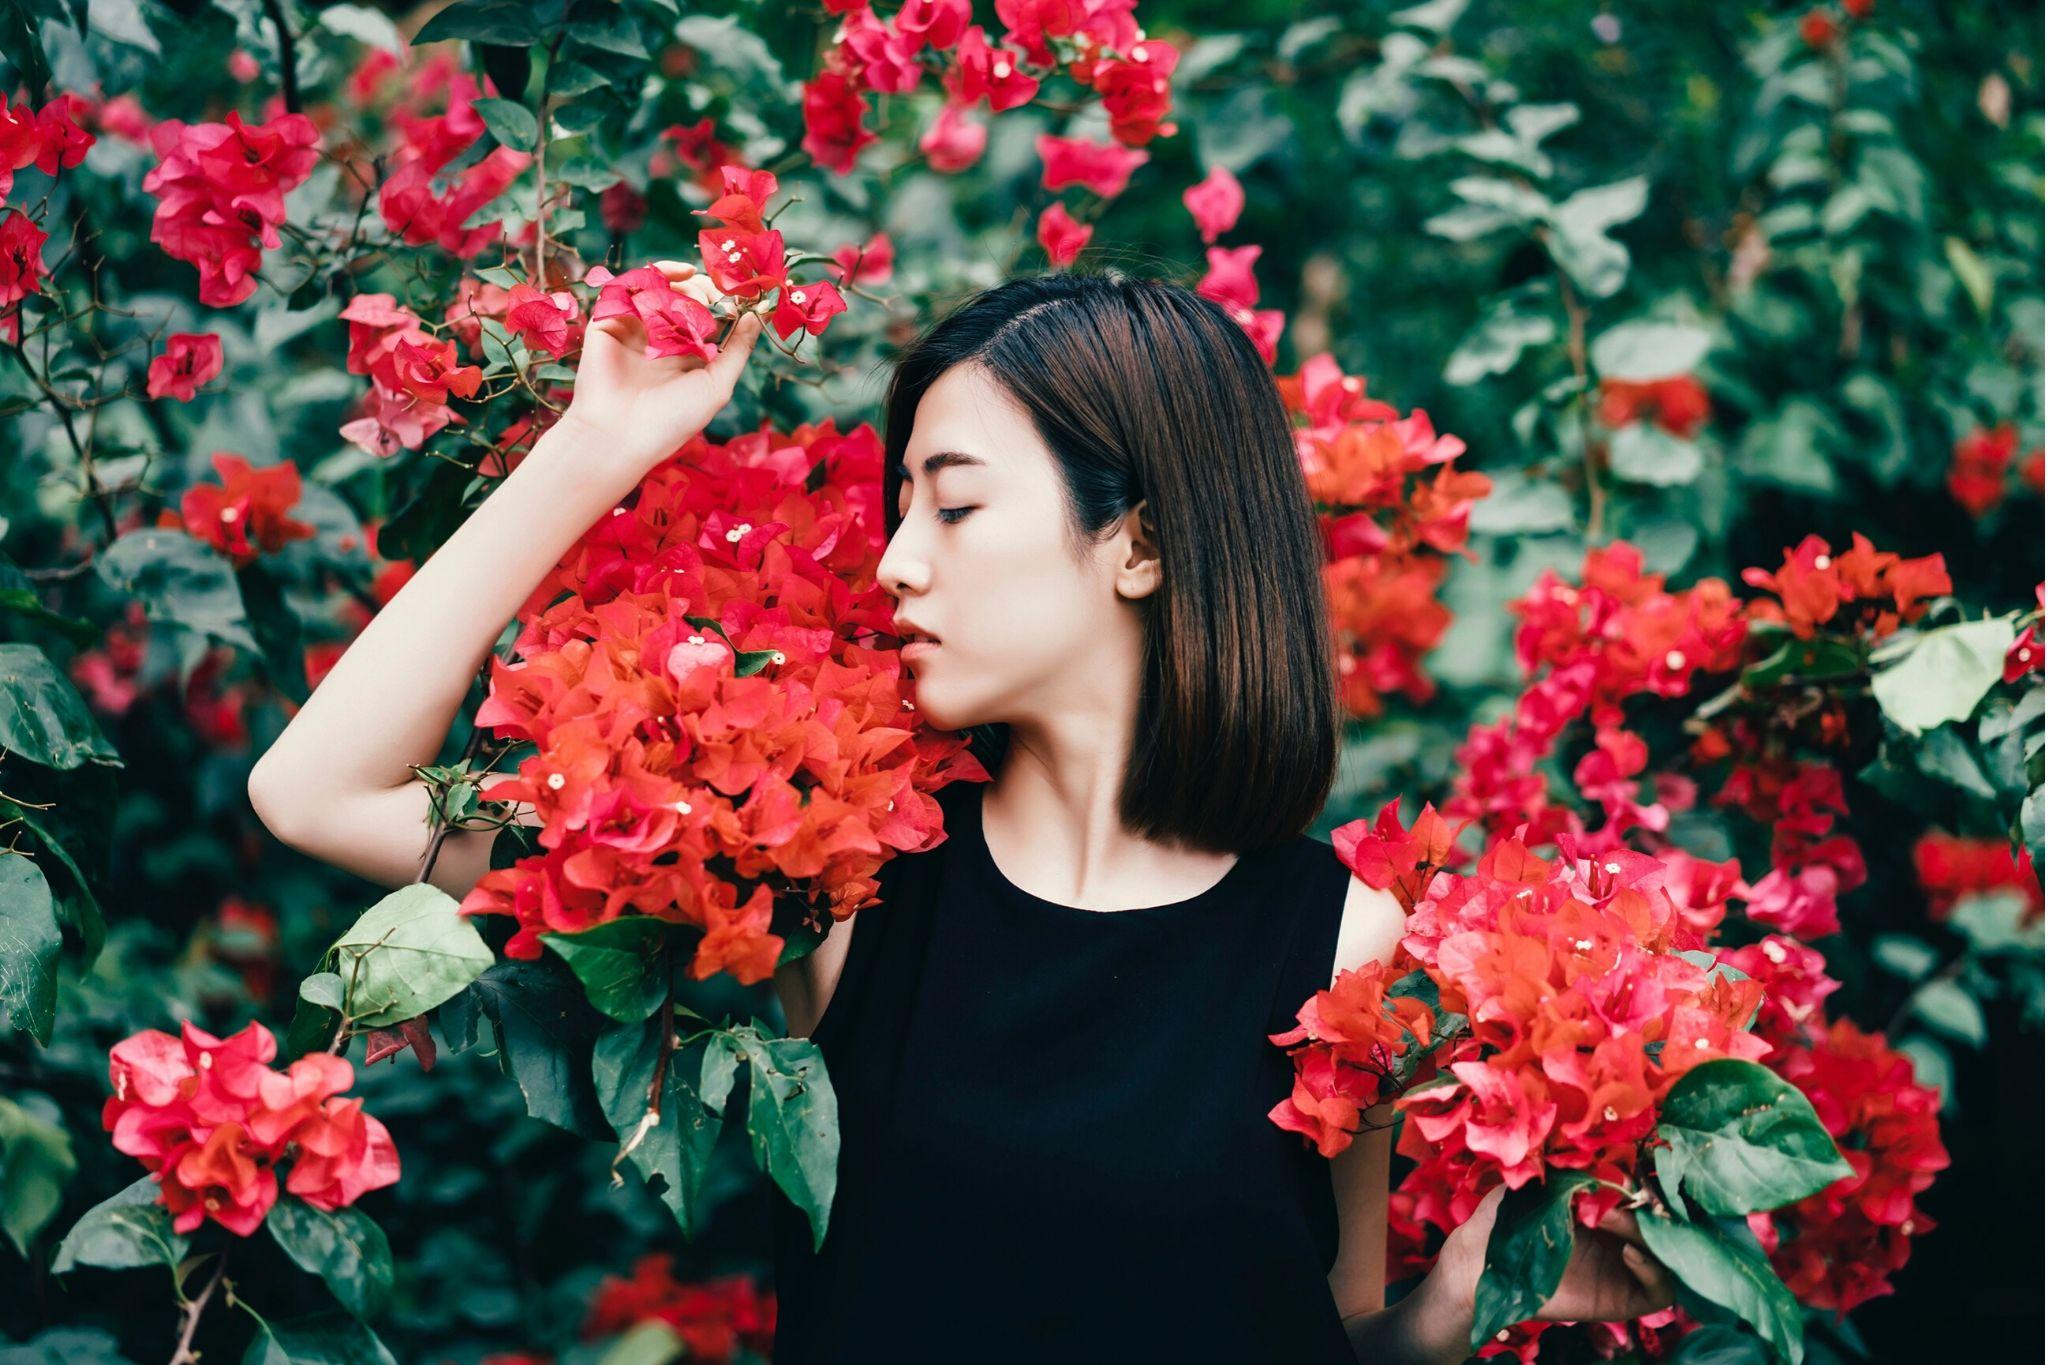 Chăm sóc da-Cô gái và hoa đỏ.